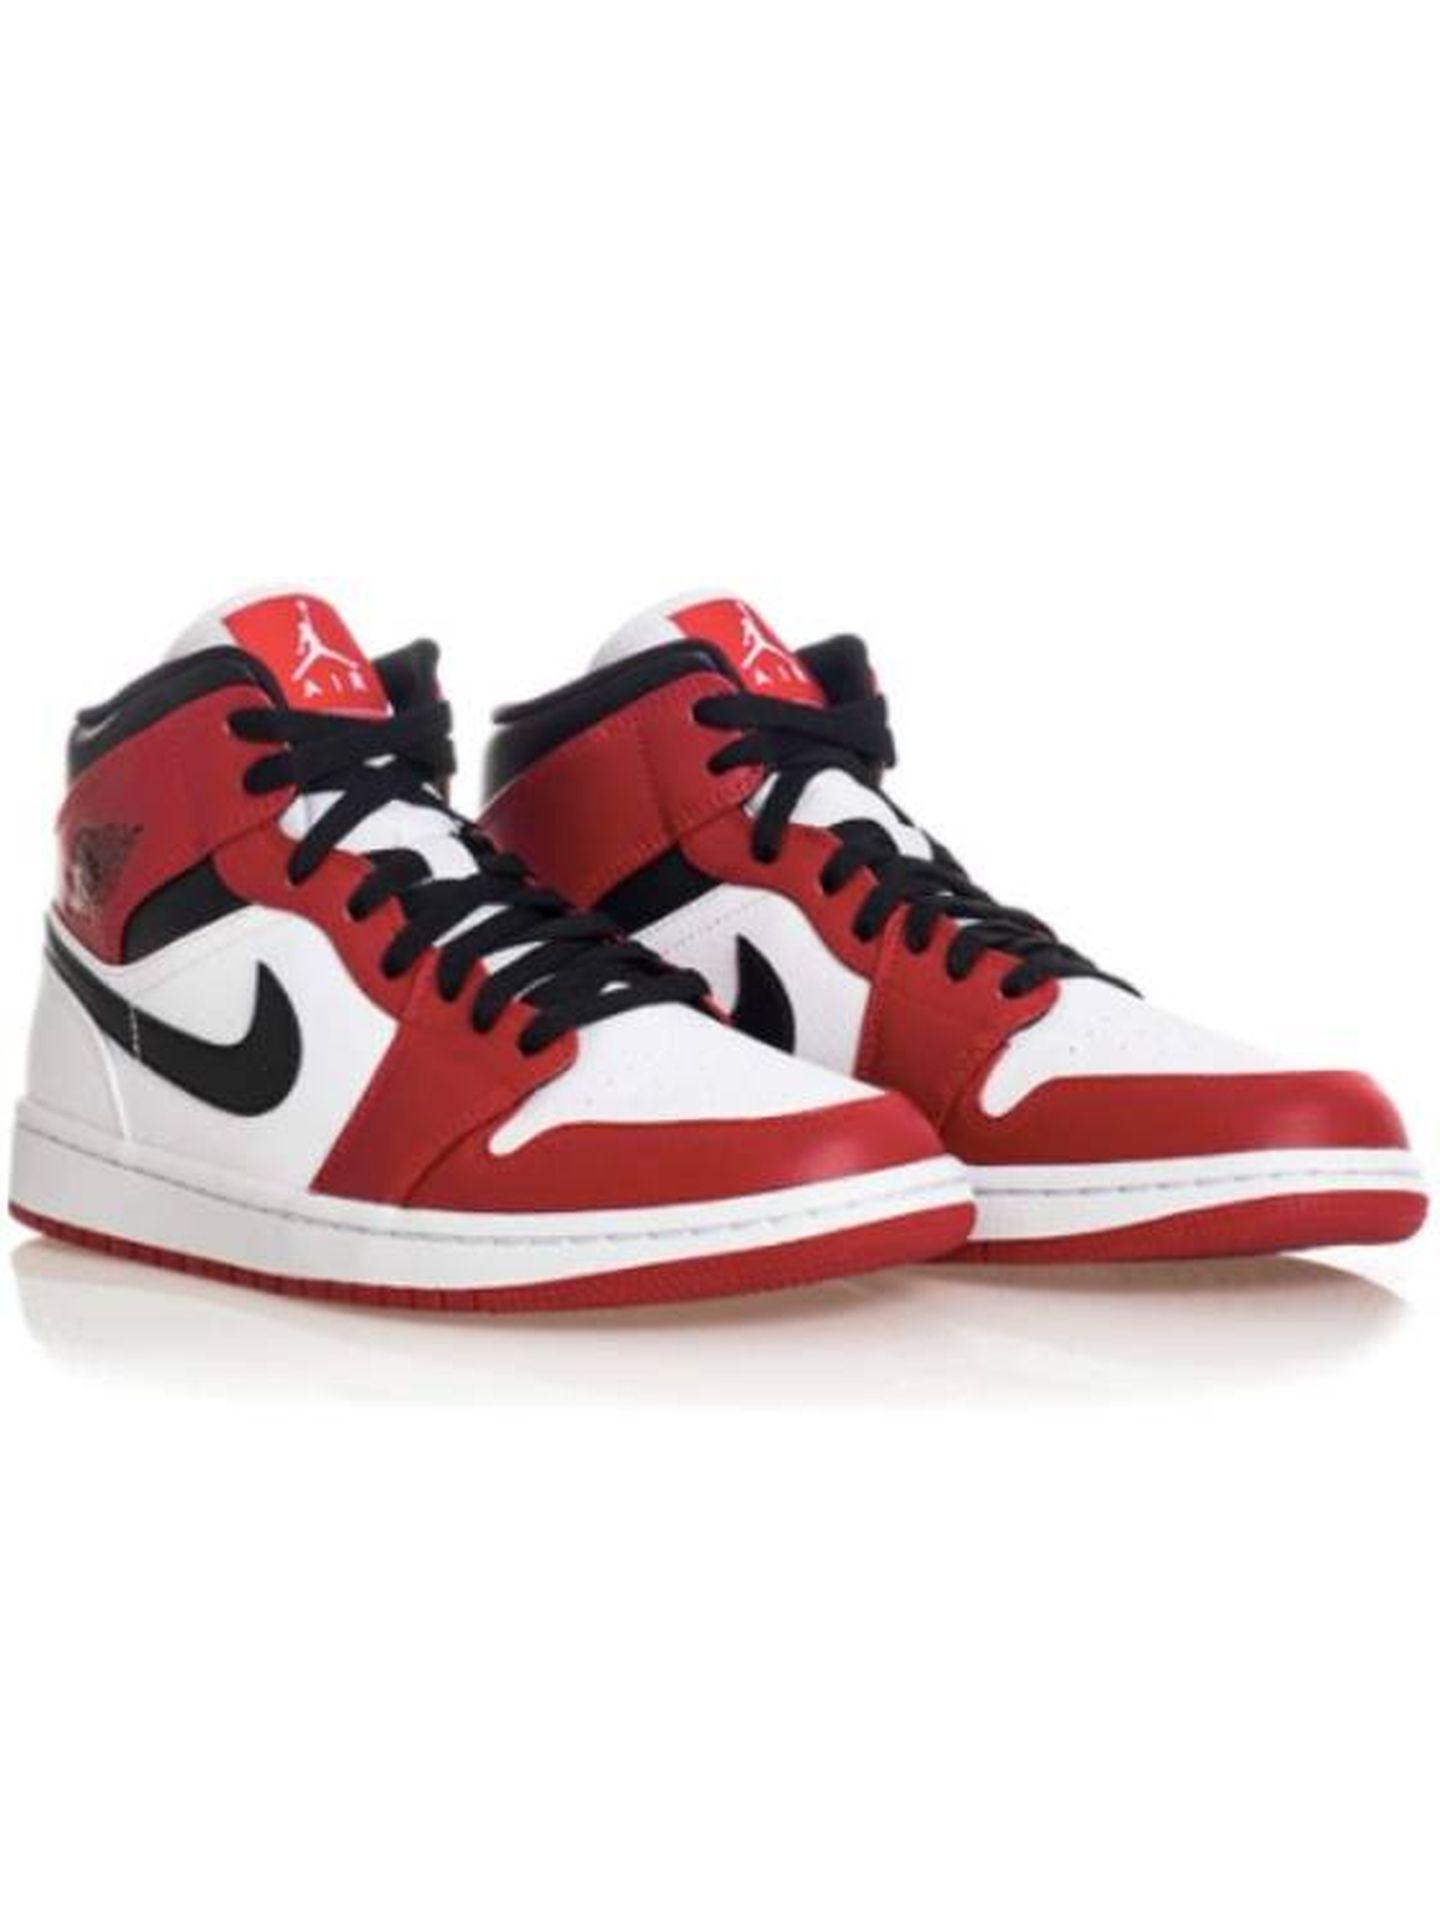 'Air Jordan 1 Mid' de Nike. (Cortesía)